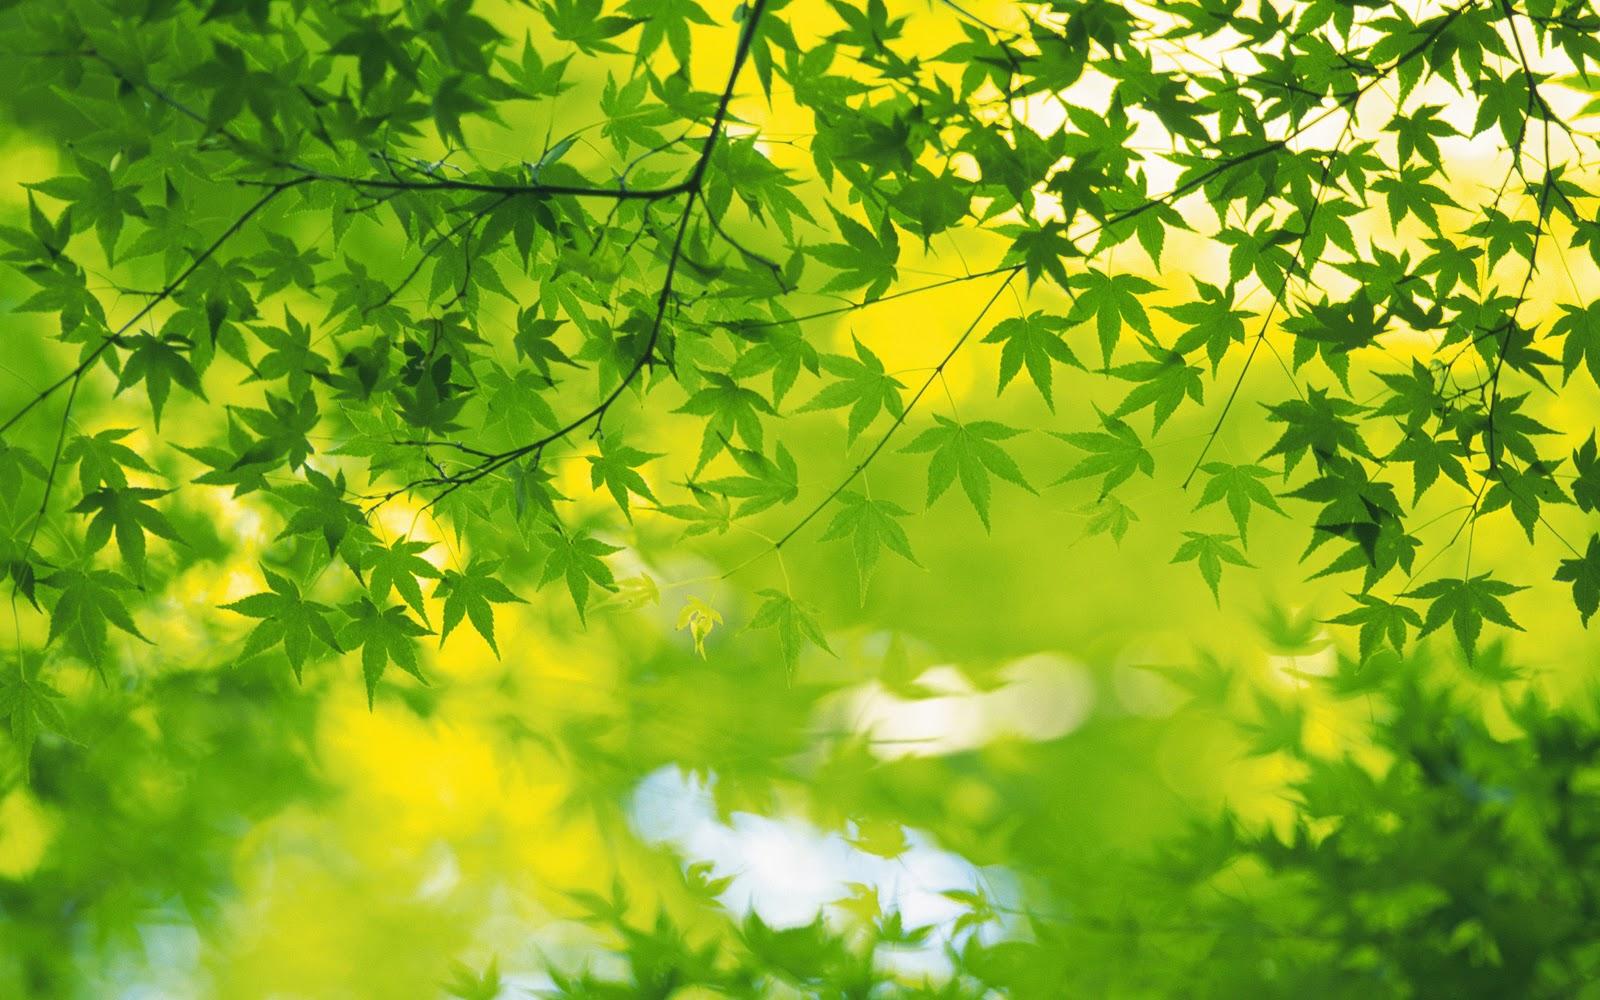 Groene Achtergronden | HD Wallpapers: wallpapers-achtergronden.blogspot.com/2011/02/groene-achtergronden...